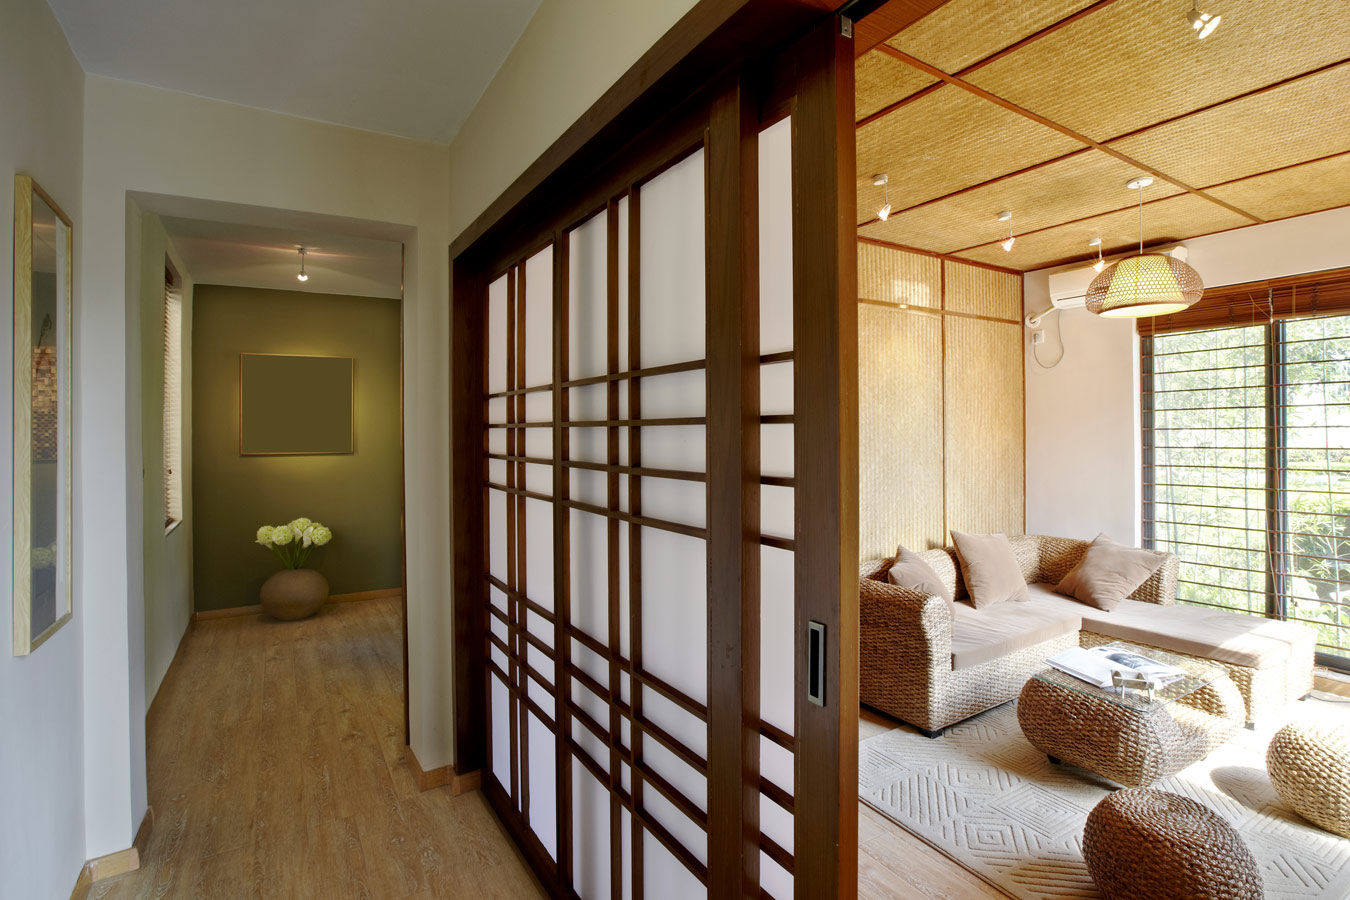 Interieurstijlen: ideeën & inspiratie van elke interieurstijl